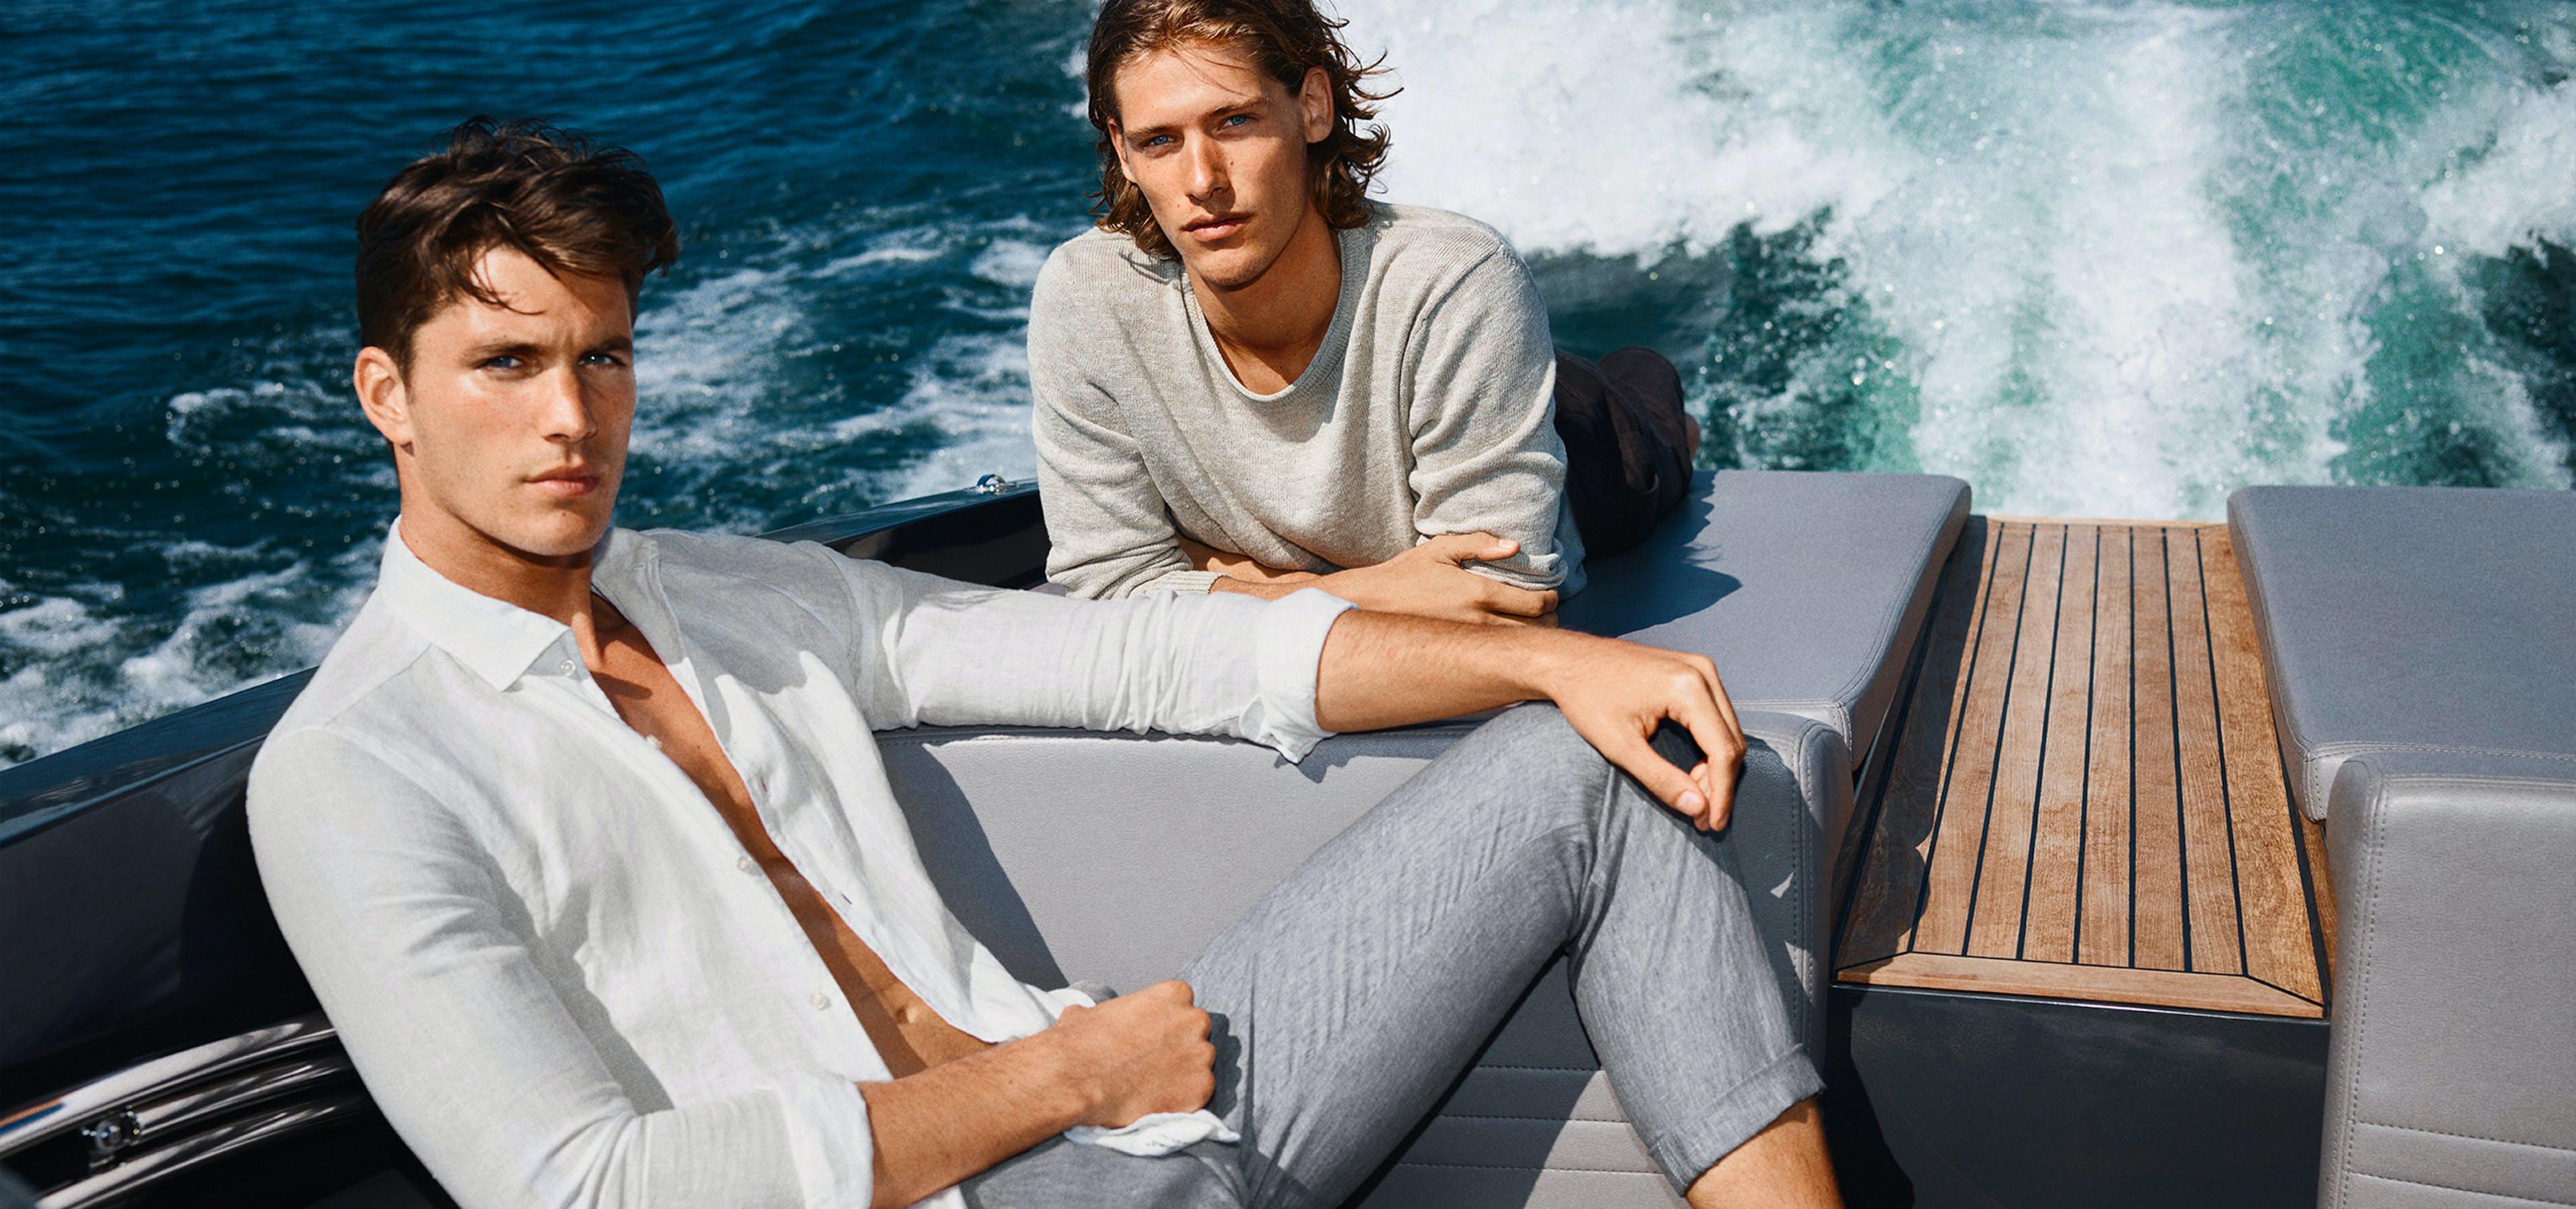 Zwei Männer auf Boot mit JOOP! Outfits